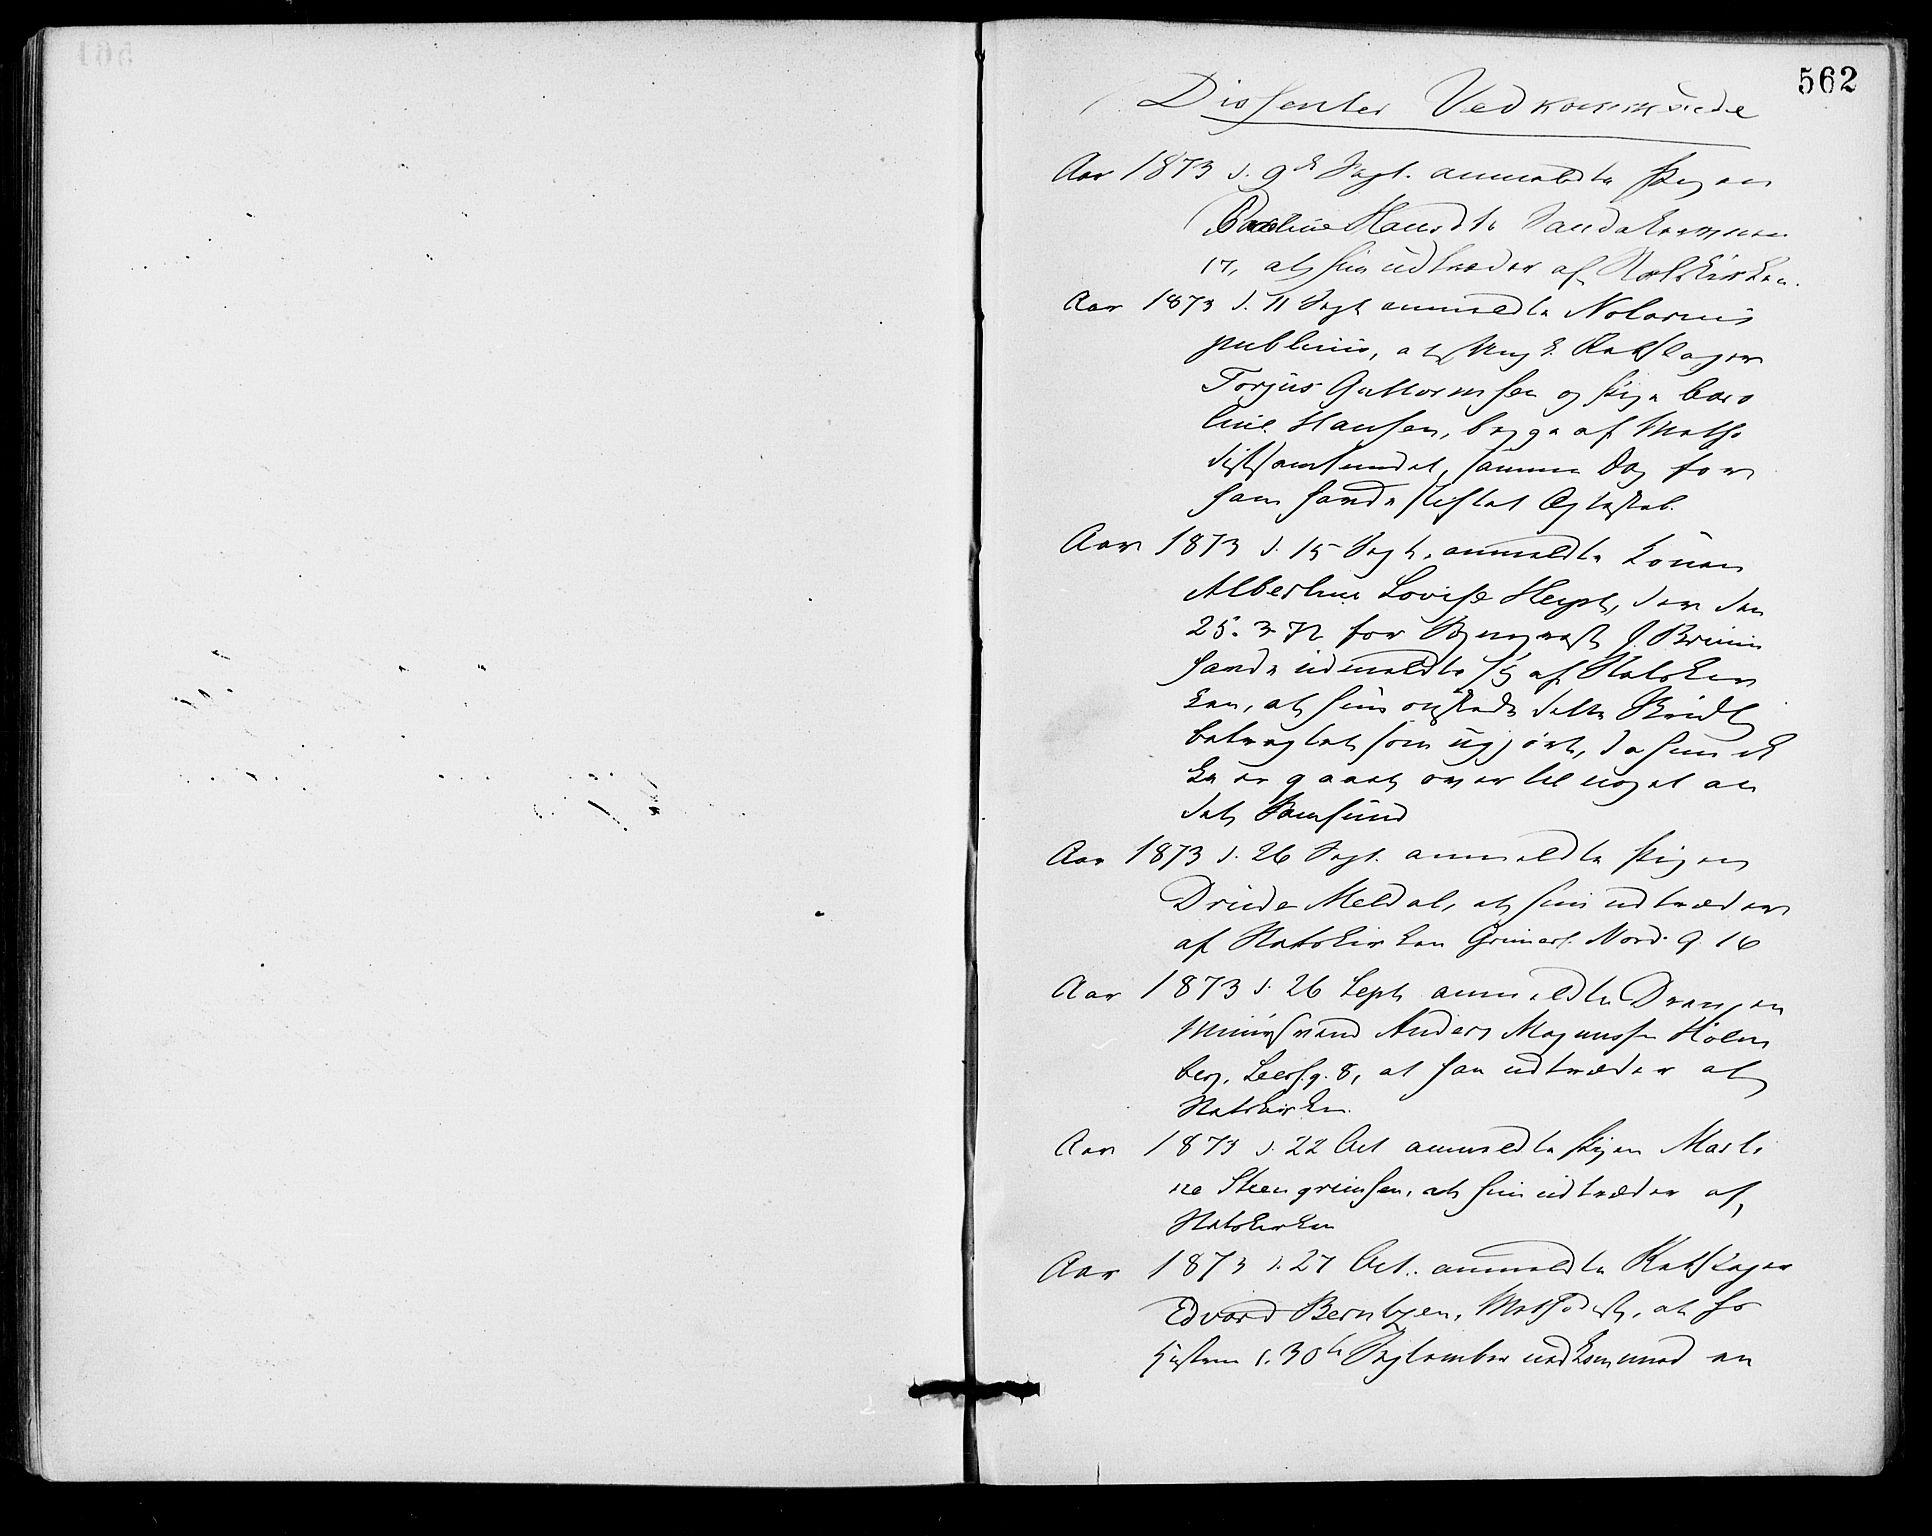 SAO, Gamle Aker prestekontor Kirkebøker, F/L0005: Ministerialbok nr. 5, 1873-1881, s. 562